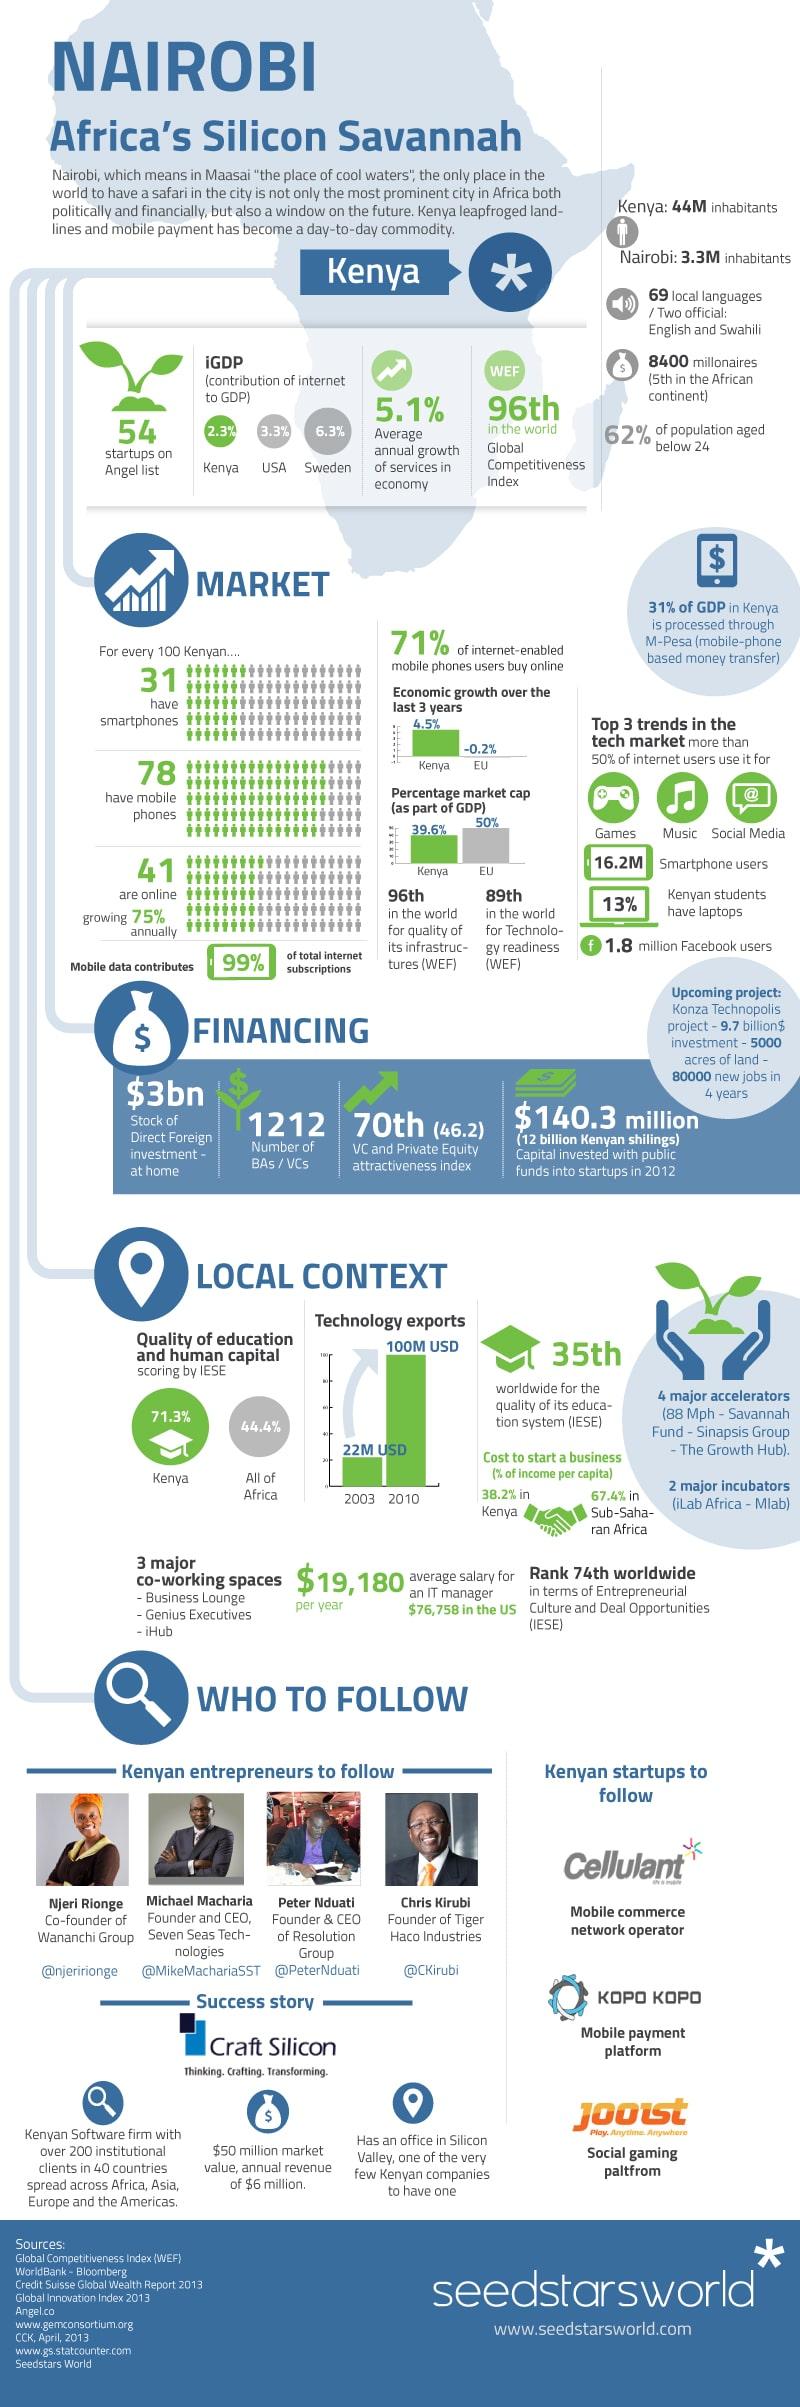 NAIROBI-infographic-1